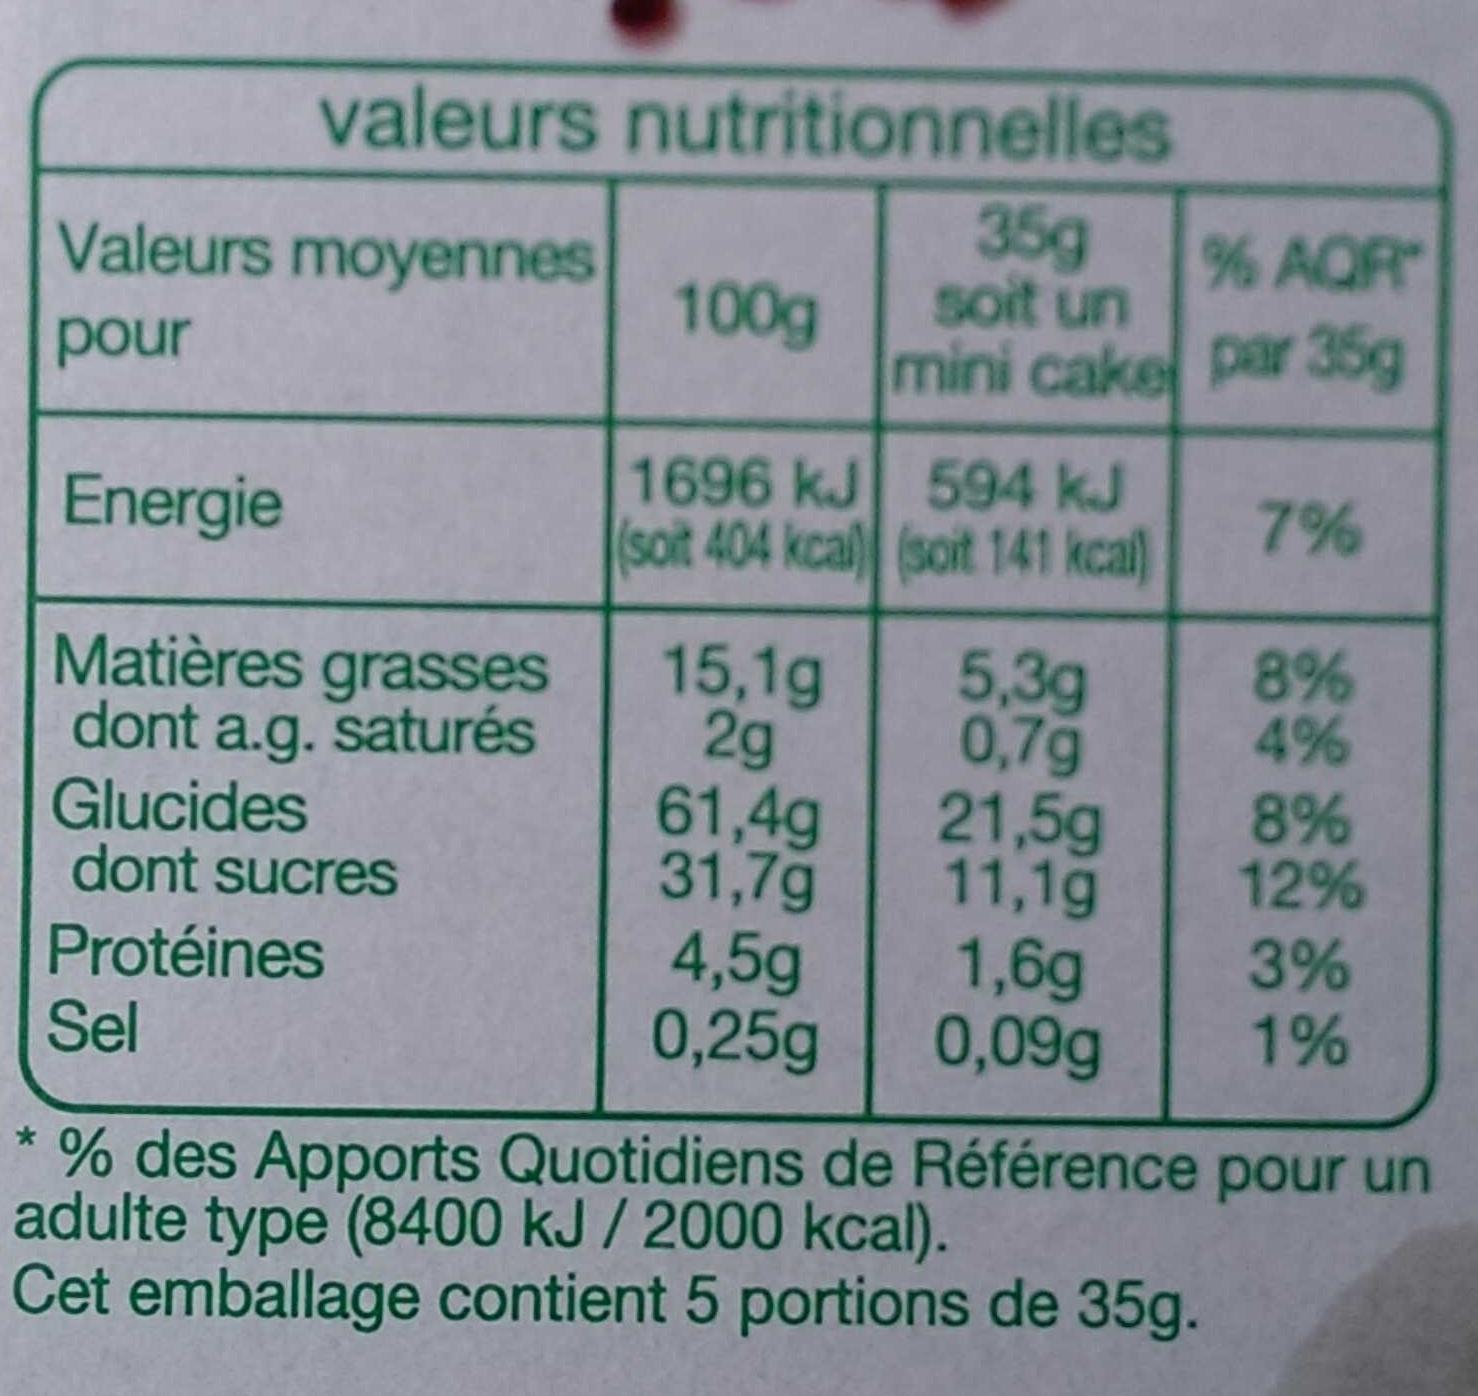 Mini Cakes aux pépites de fruits bio - Informations nutritionnelles